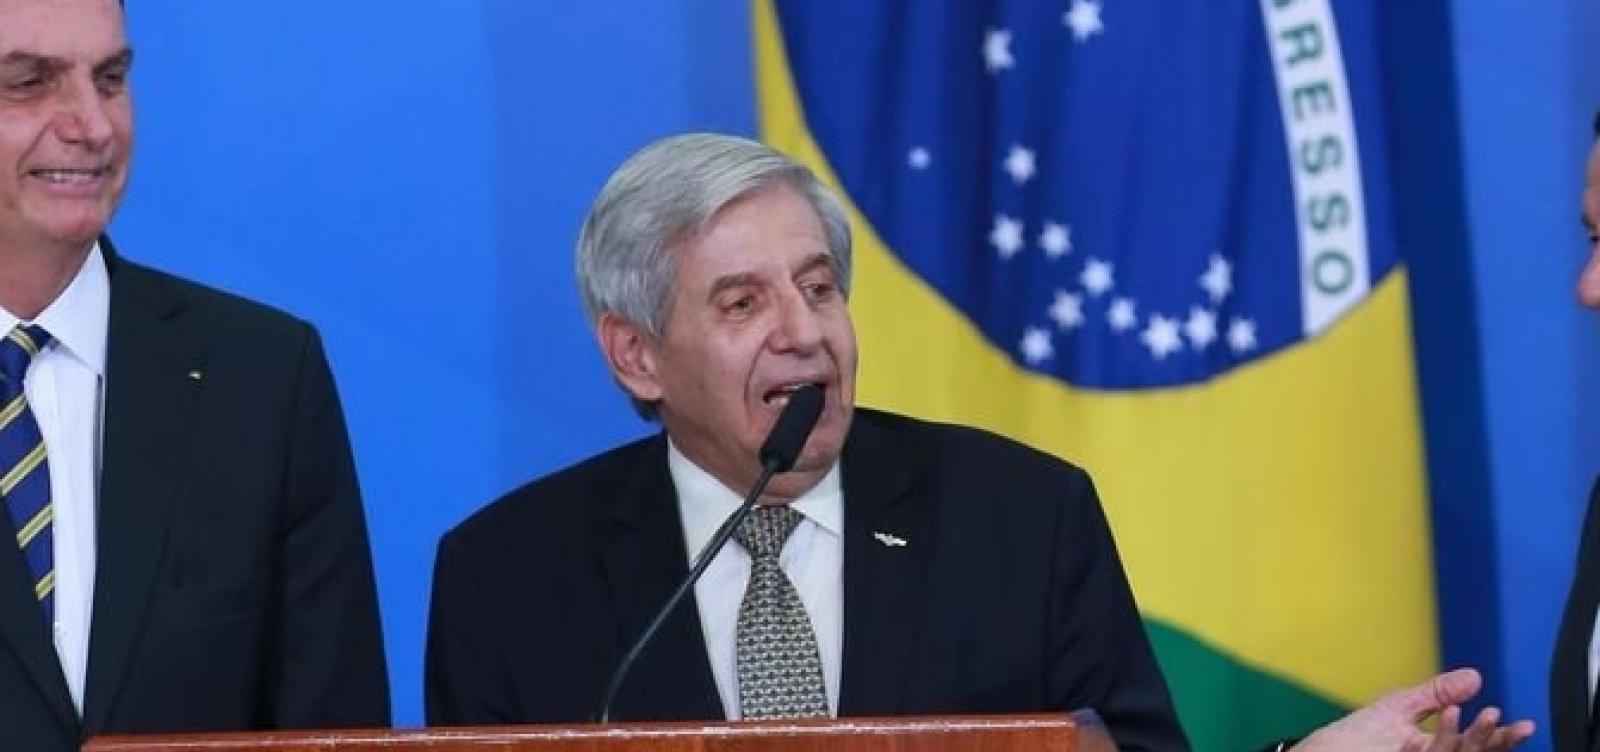 [Políticos reagem à fala de Augusto Heleno sobre apreensão de celular de Bolsonaro]